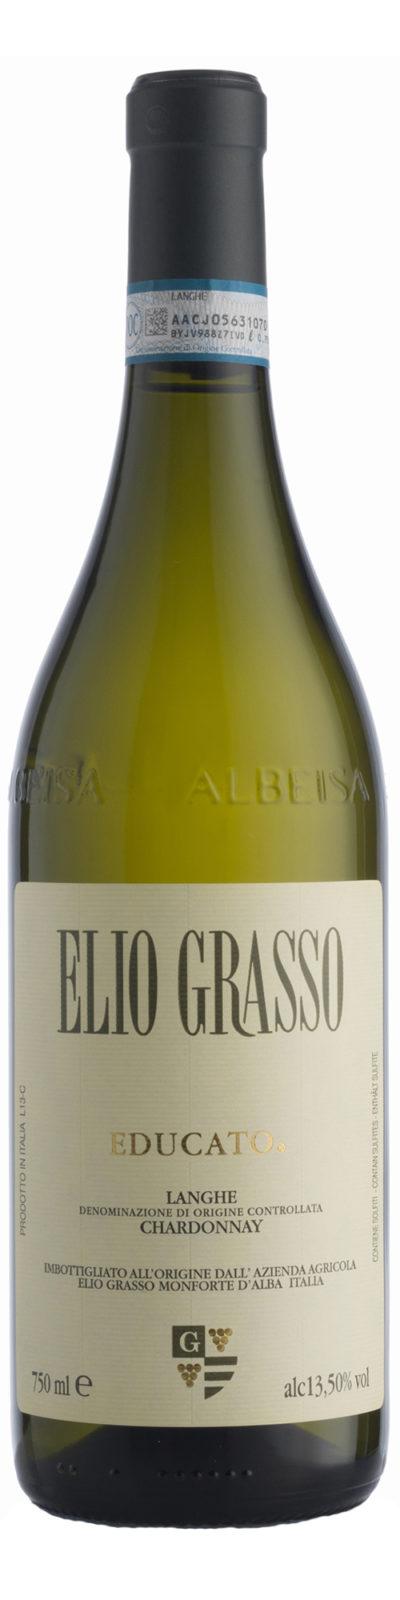 Elio Grasso Langhe Chardonnay